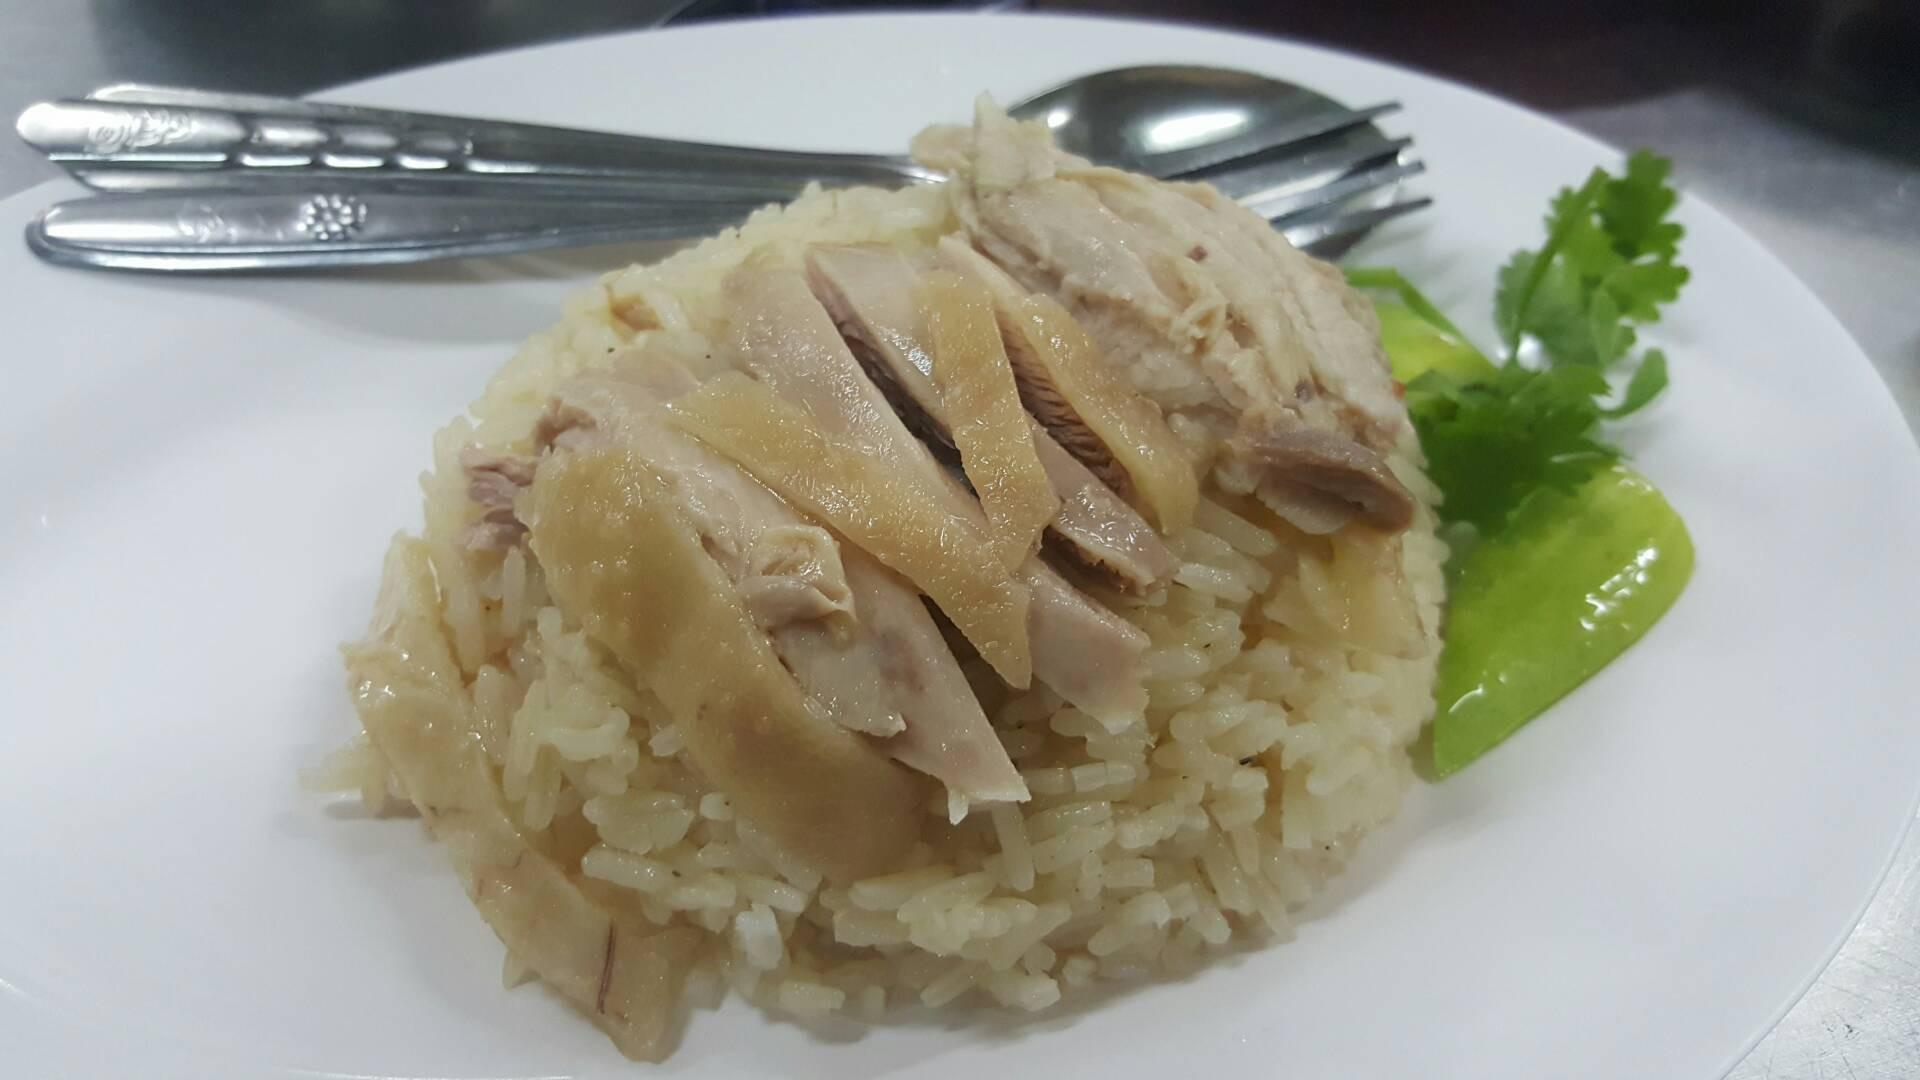 ข้าวมันไก่ โอชิน พรานนก